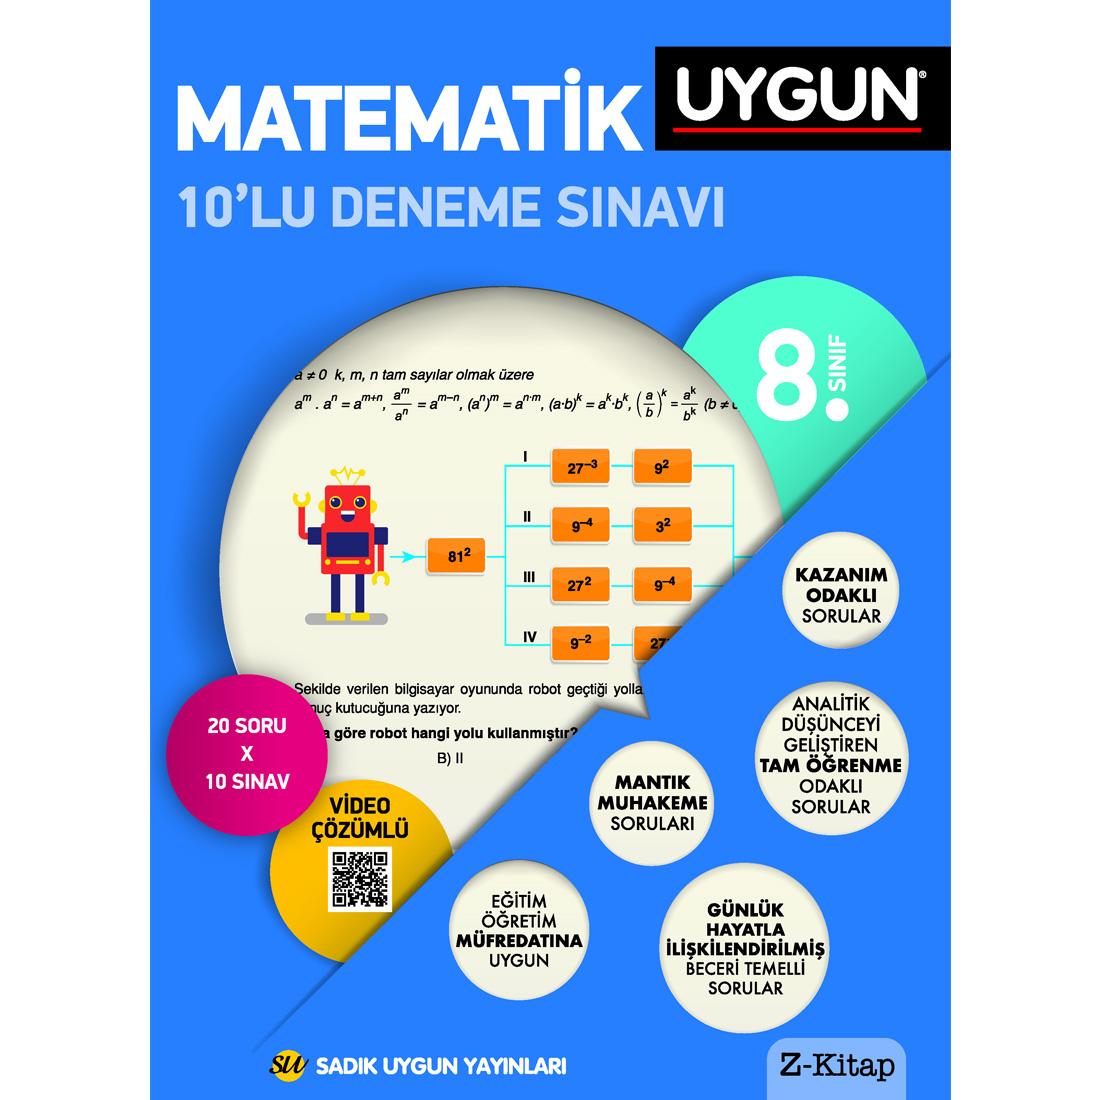 8.Sınıf 8 Deneme Kitabı 10'Lu Matematik Sadık Uygun Yayınları